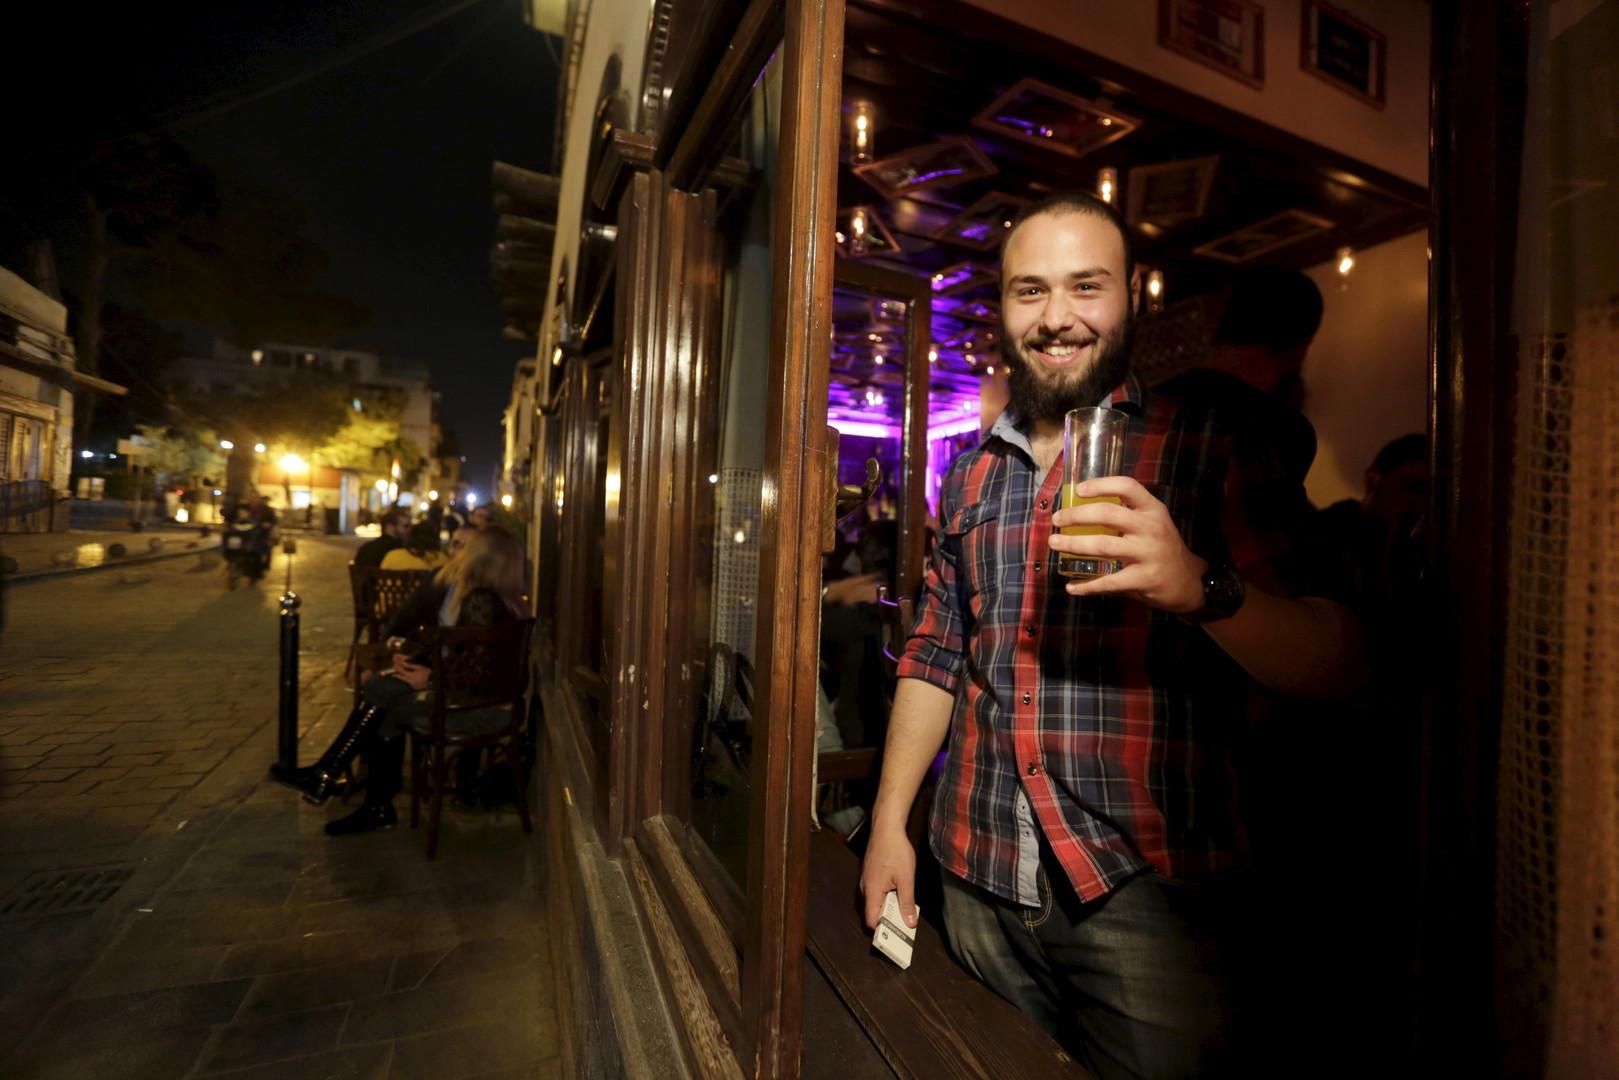 """Kenan nimmt seinen Drink mit nach draußen. Bar """"80's"""", Damaskus, 24. März 2016"""